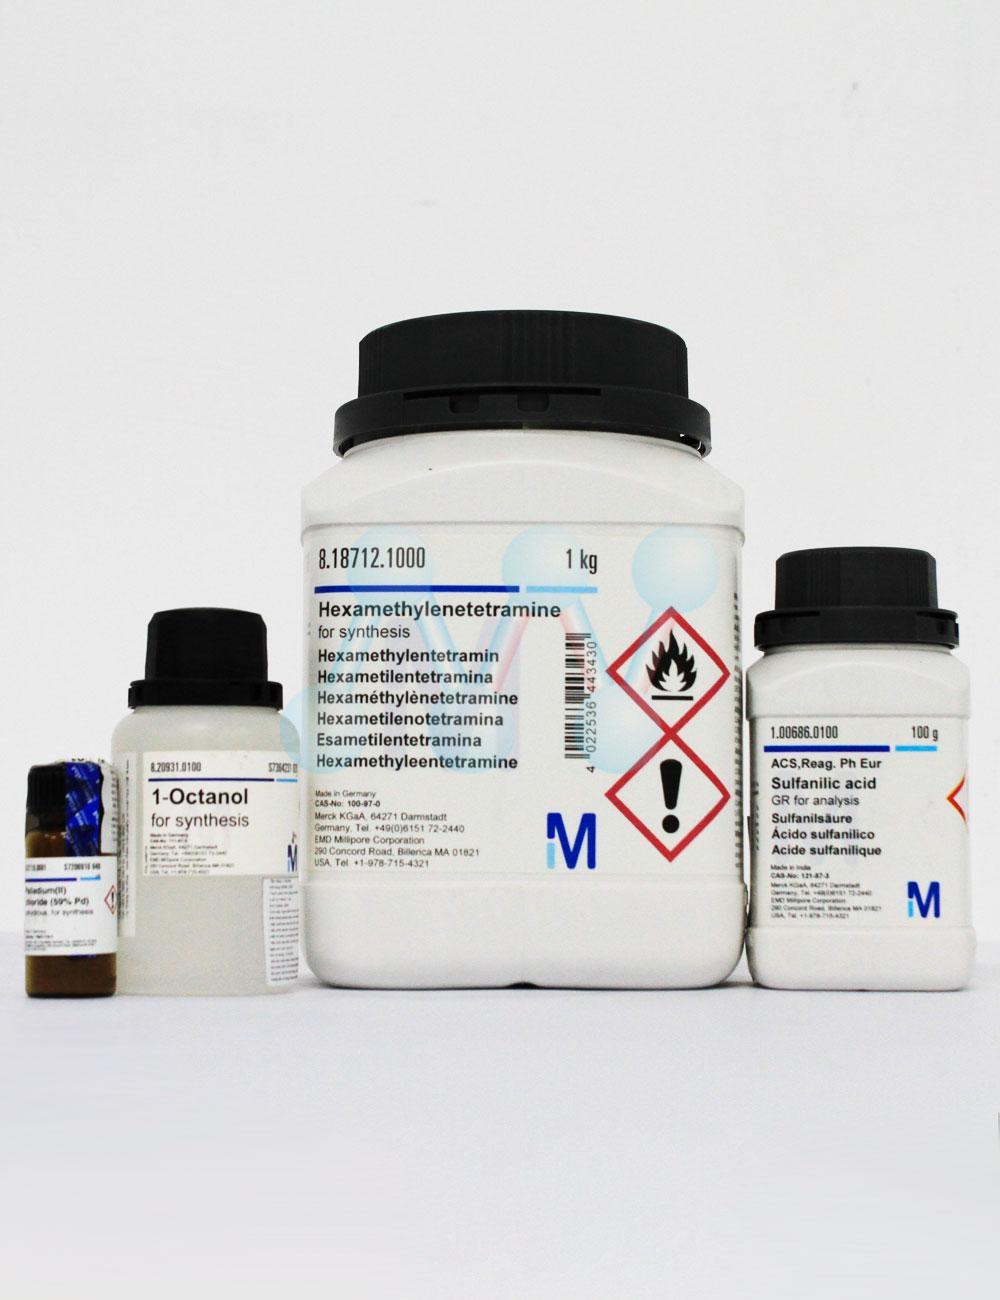 n-Dodecyltrimethylammonium bromide C15H34BrN